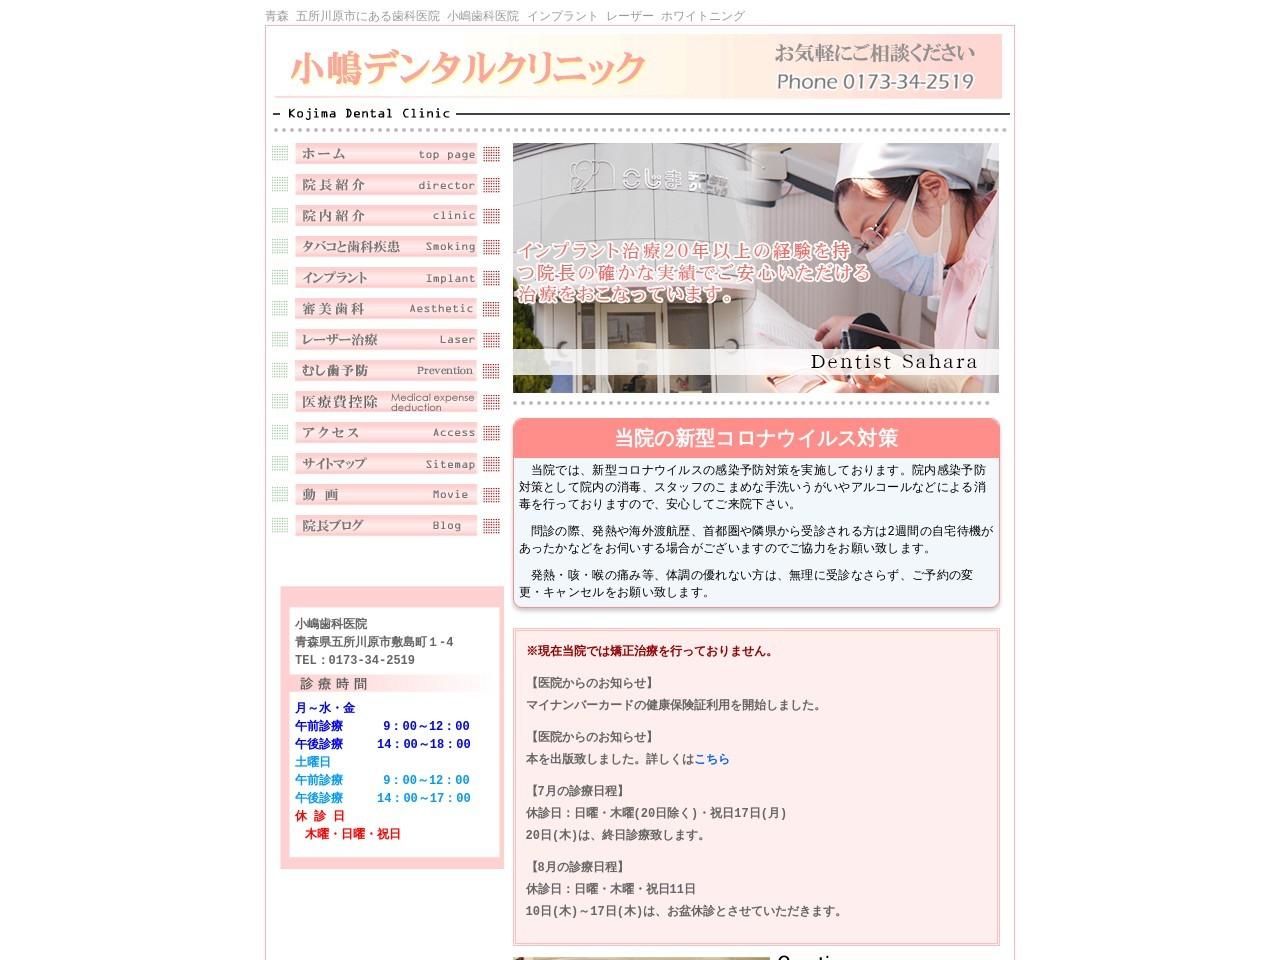 小嶋歯科医院 (青森県五所川原市)